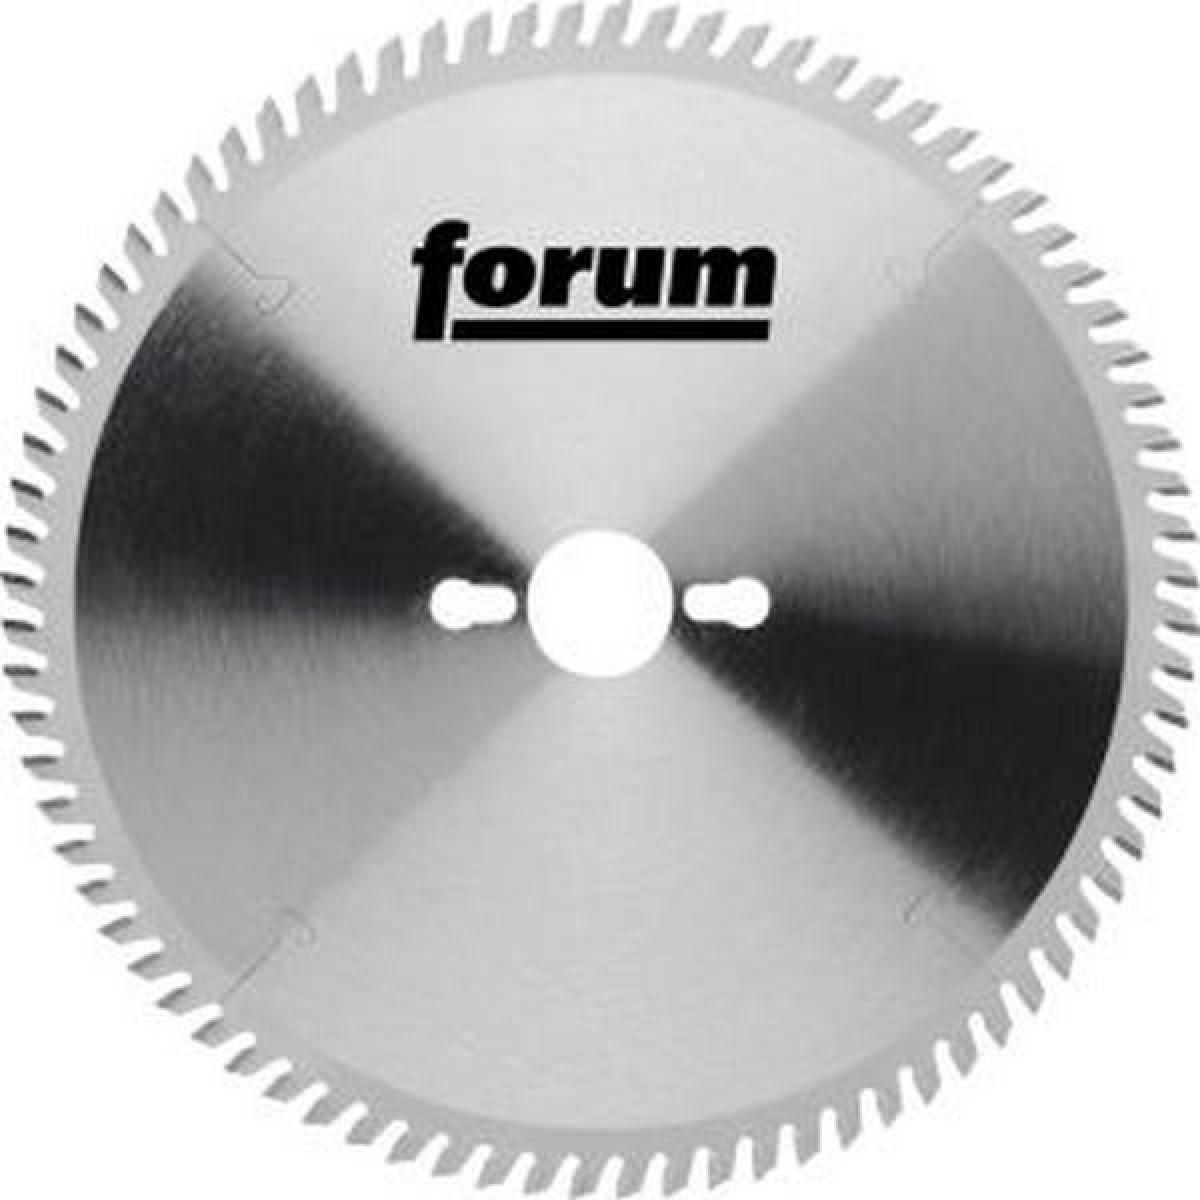 Forum Lame de scie circulaire, Ø : 350 mm, Larg. : 3,5 mm, Alésage 30 mm, Perçages secondaires : 2KNL*, Dents : 16